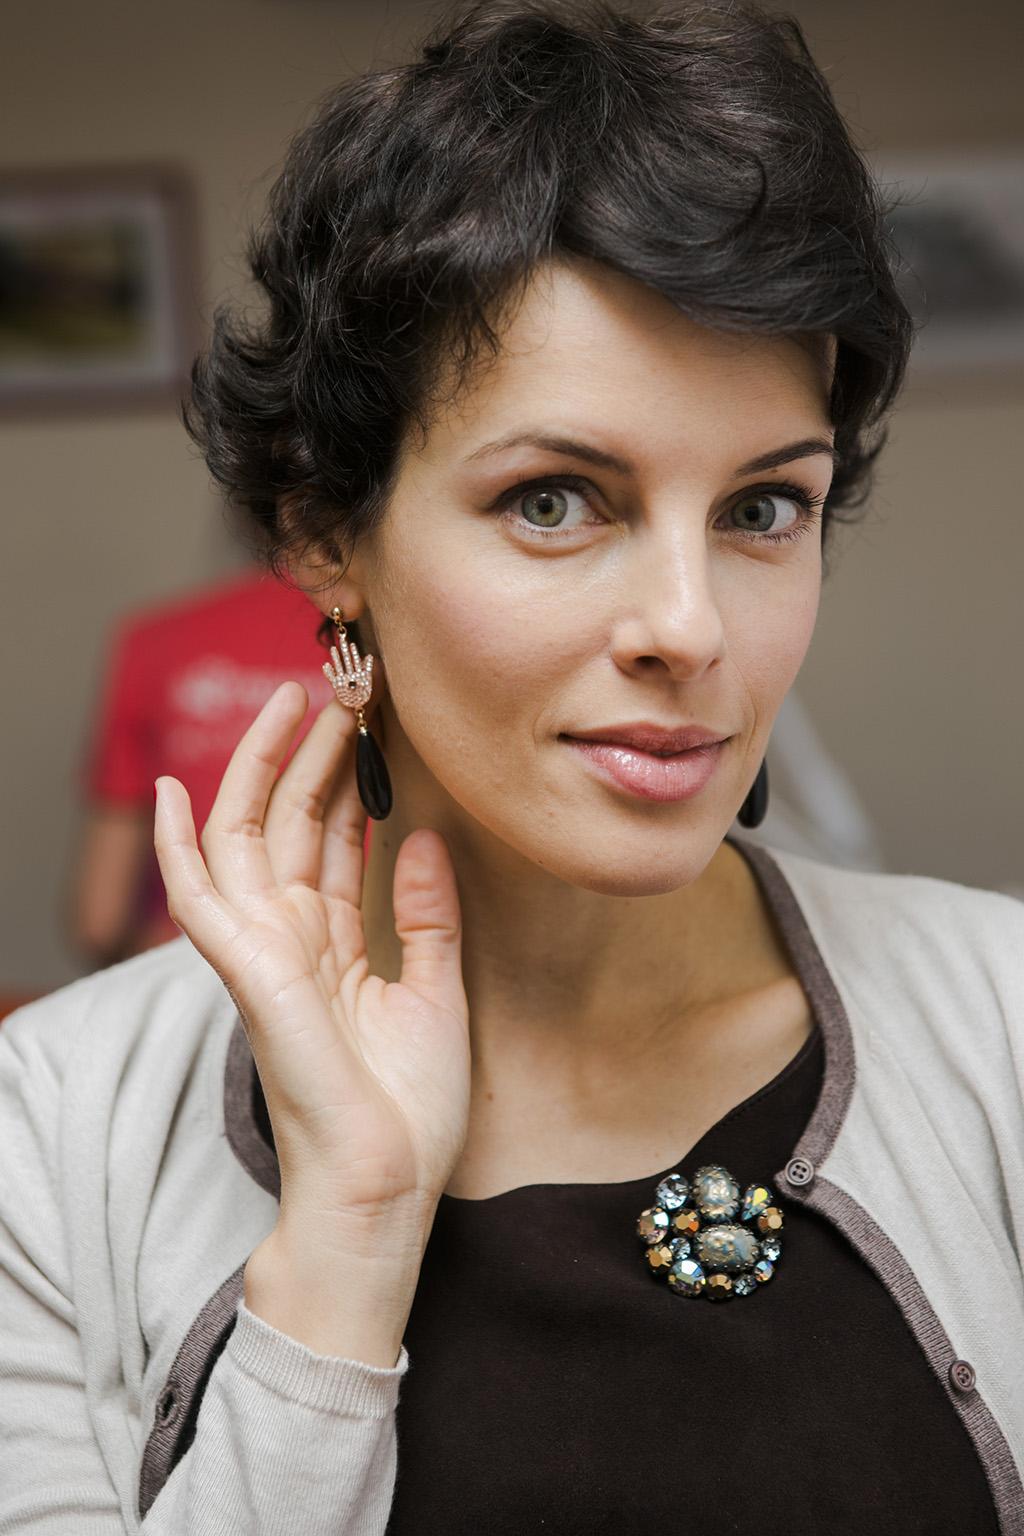 актрисы российского кино фото анастасия сметанина ненавязчивые сюжеты, красивые